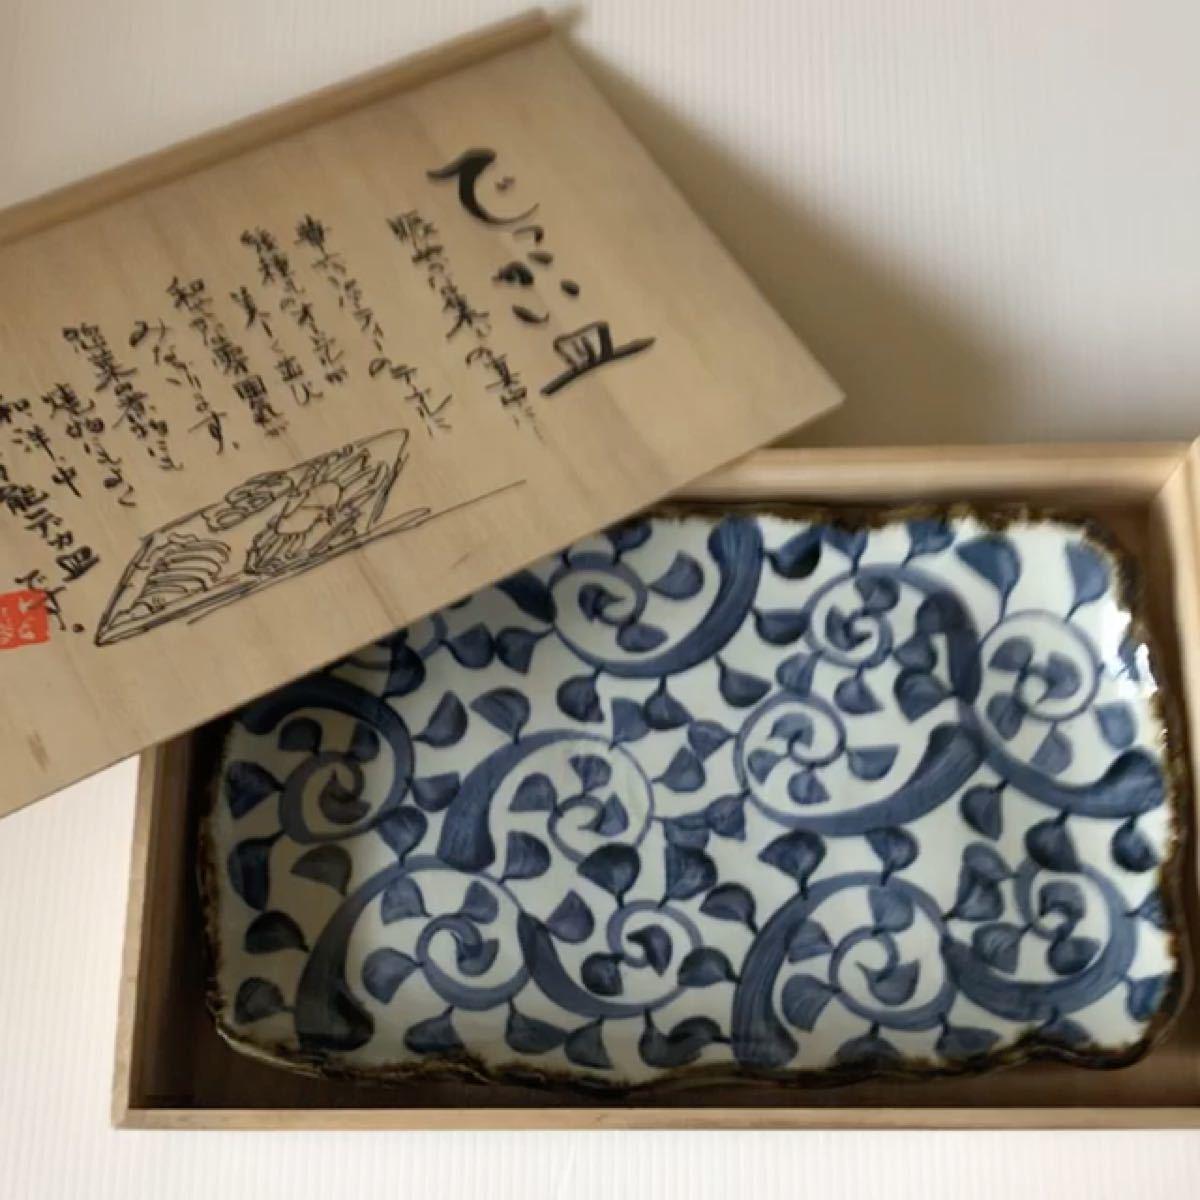 未使用 龍峰窯 三洋陶器 大皿 でっかい皿 タコ唐草角皿 木箱入り 土物製品 パーティ お刺身 オードブル 角皿 四角